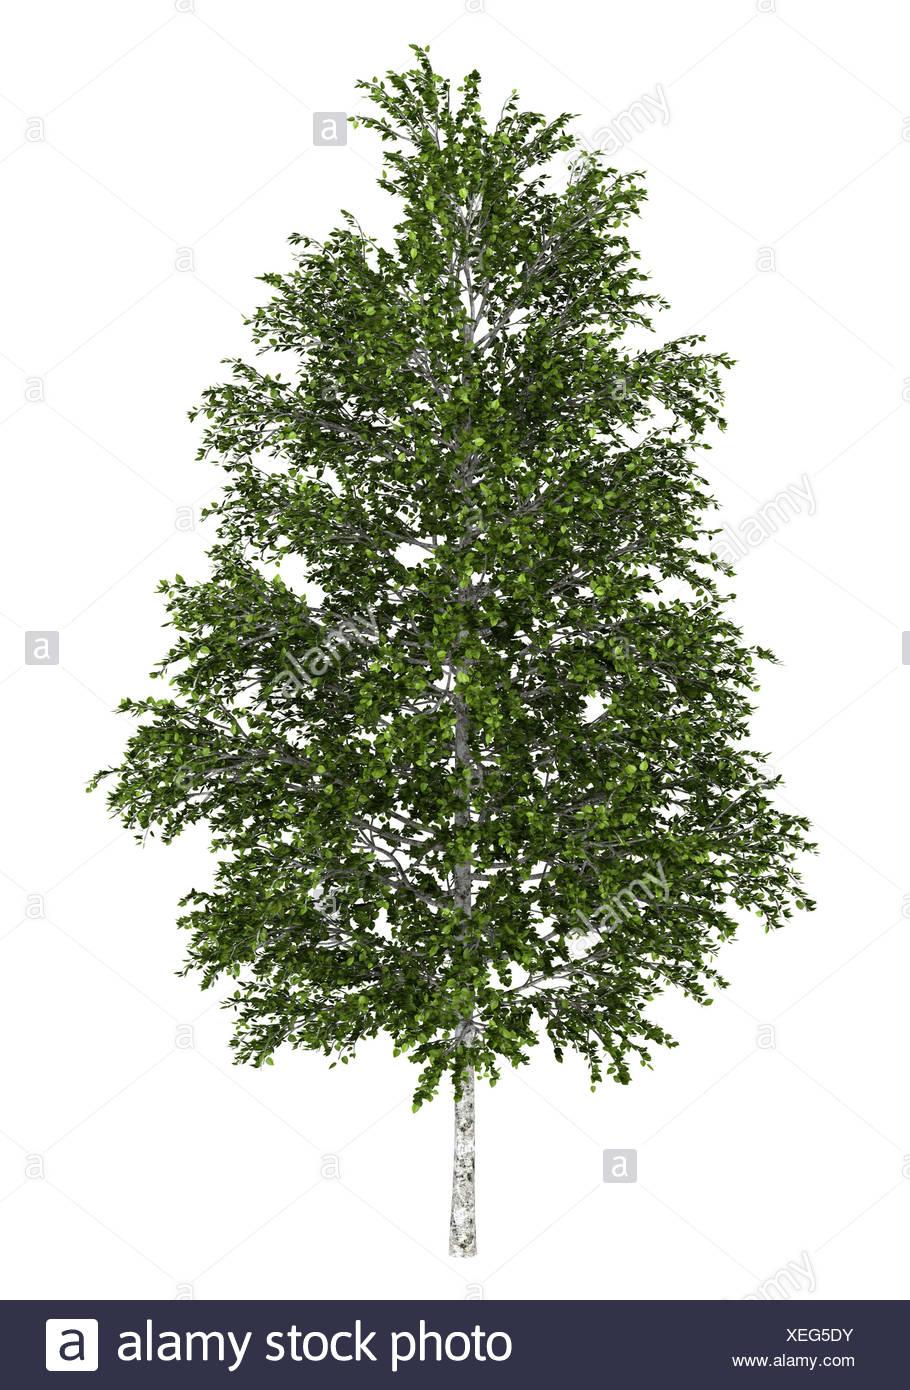 european white birch tree isolated on white - Stock Image